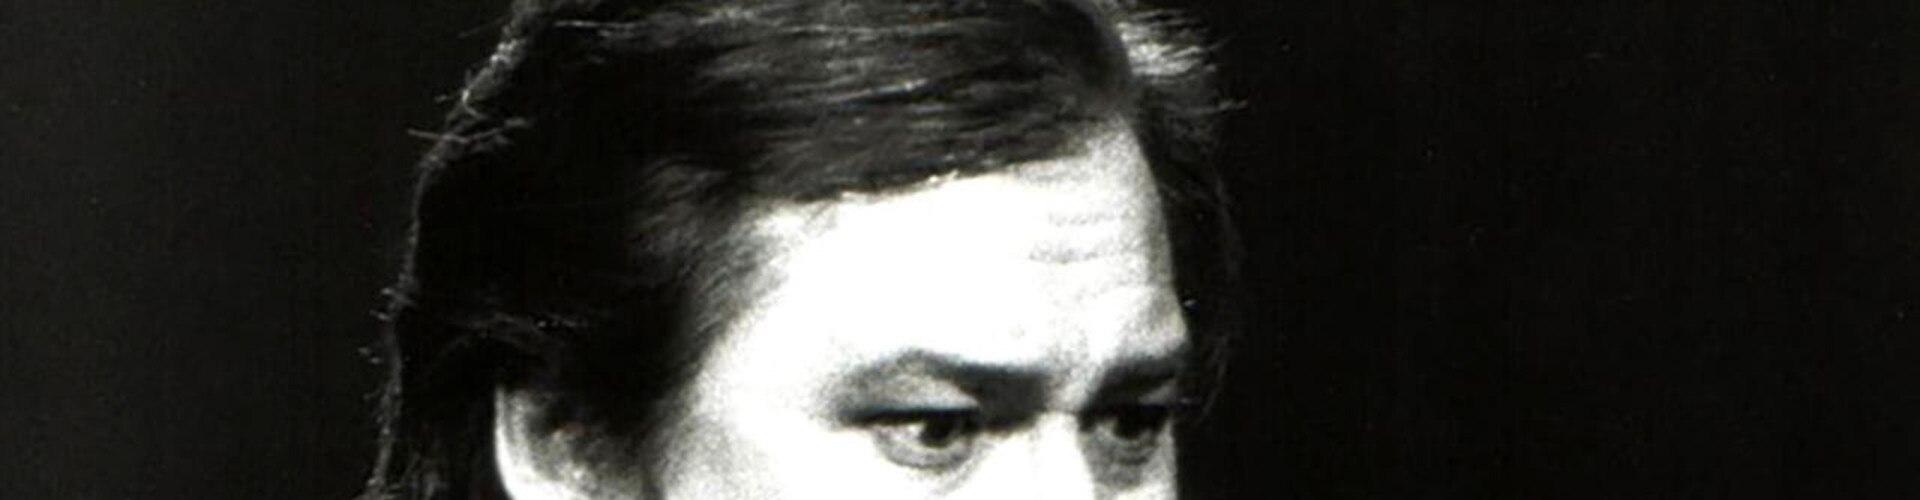 Watch Bill Hicks: Sane Man Online